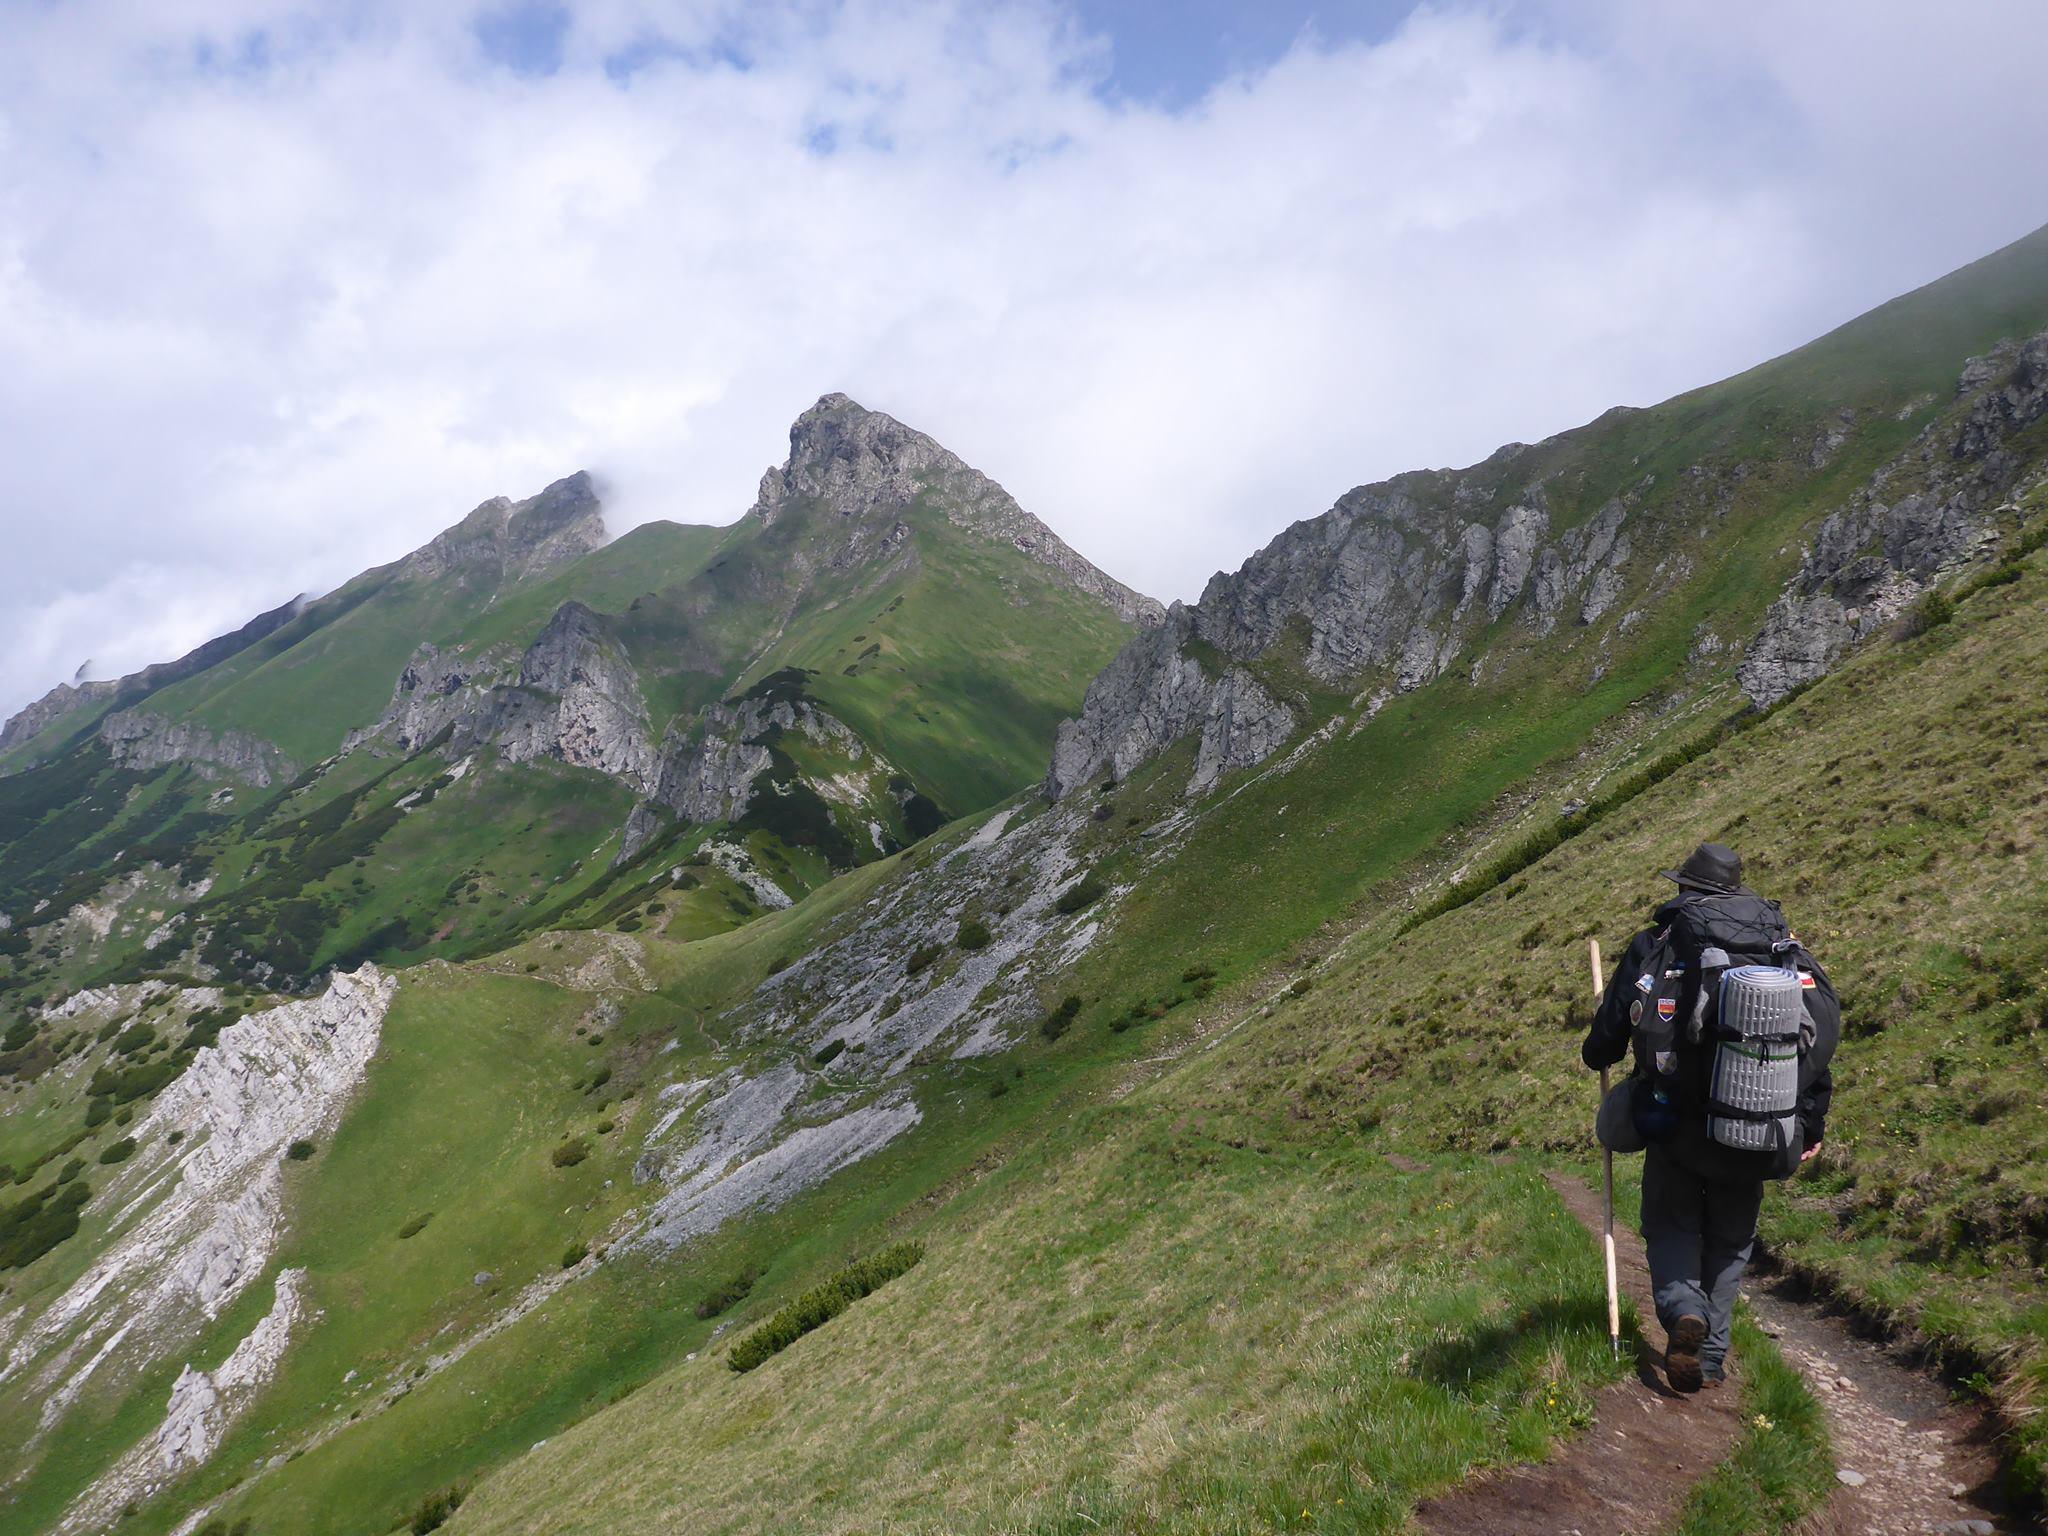 Le dernier jour dans les Tatras me fait ressentir beaucoup de nostalgie pour ces majestueuses montagnes que je vais quitter